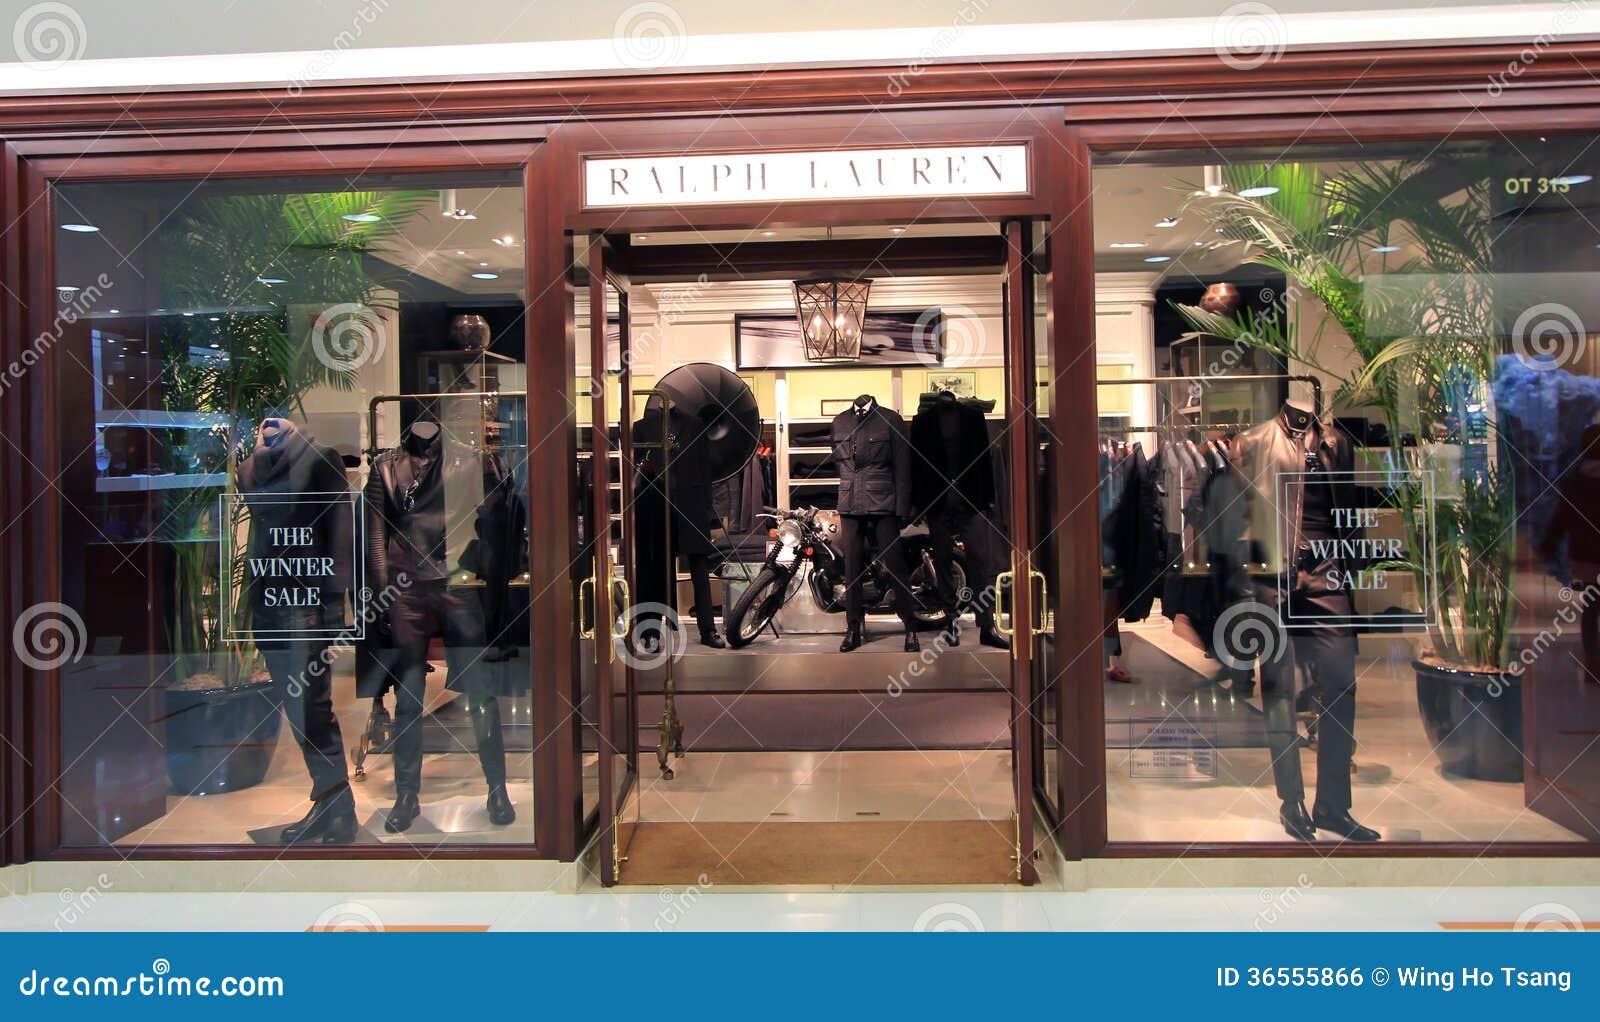 ralph shop ralph lauren shop